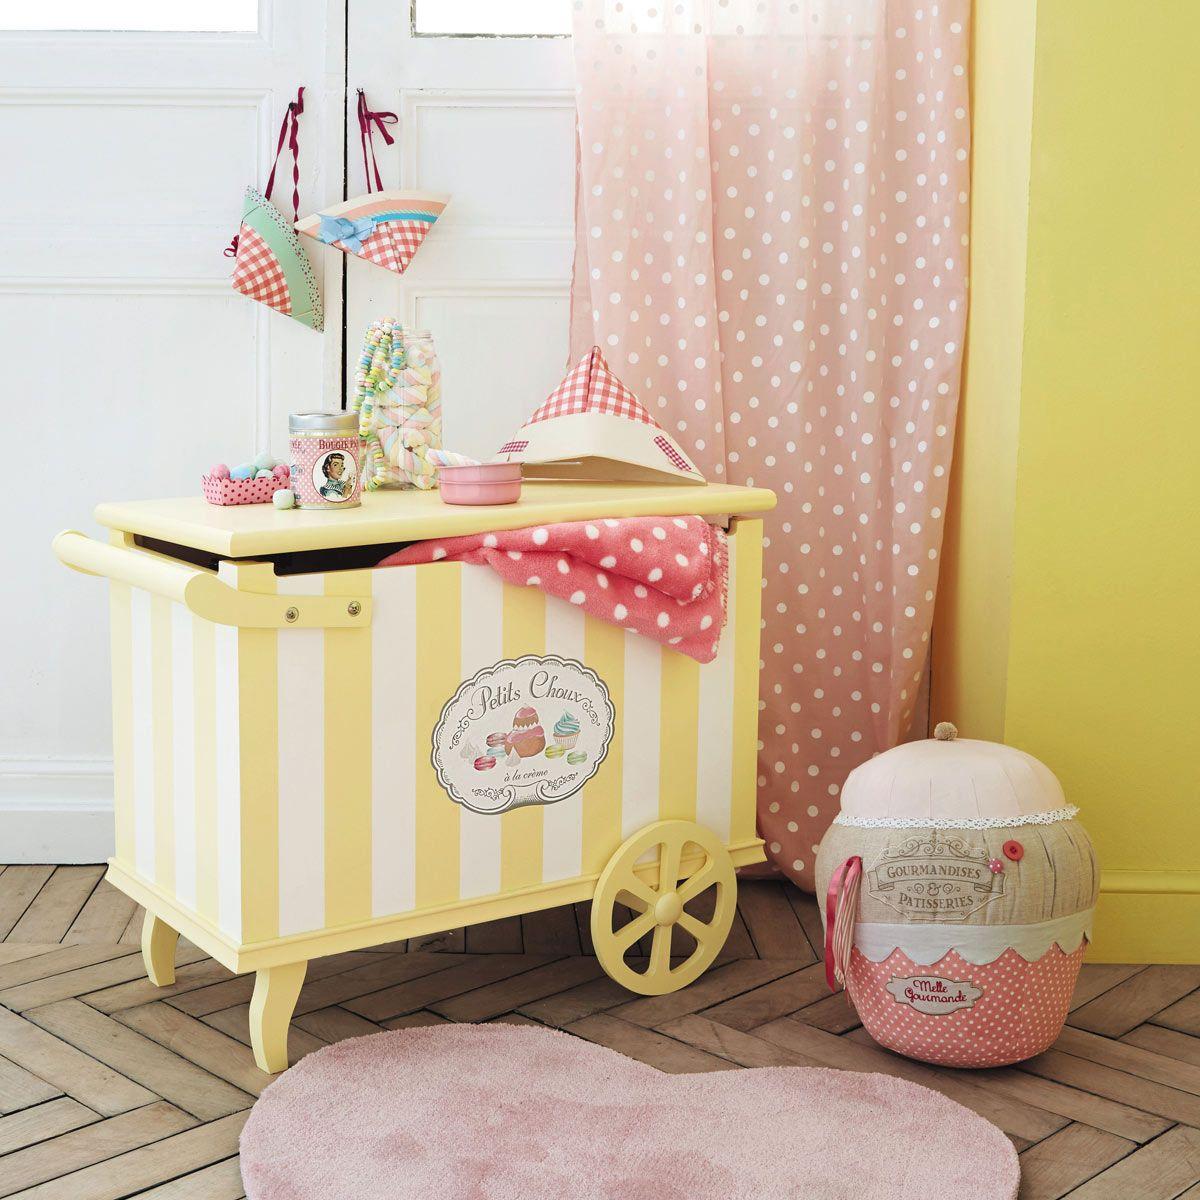 excellent coussin sur maisons du monde dcouvrez tous les meubles et objets de dcoration pour la. Black Bedroom Furniture Sets. Home Design Ideas